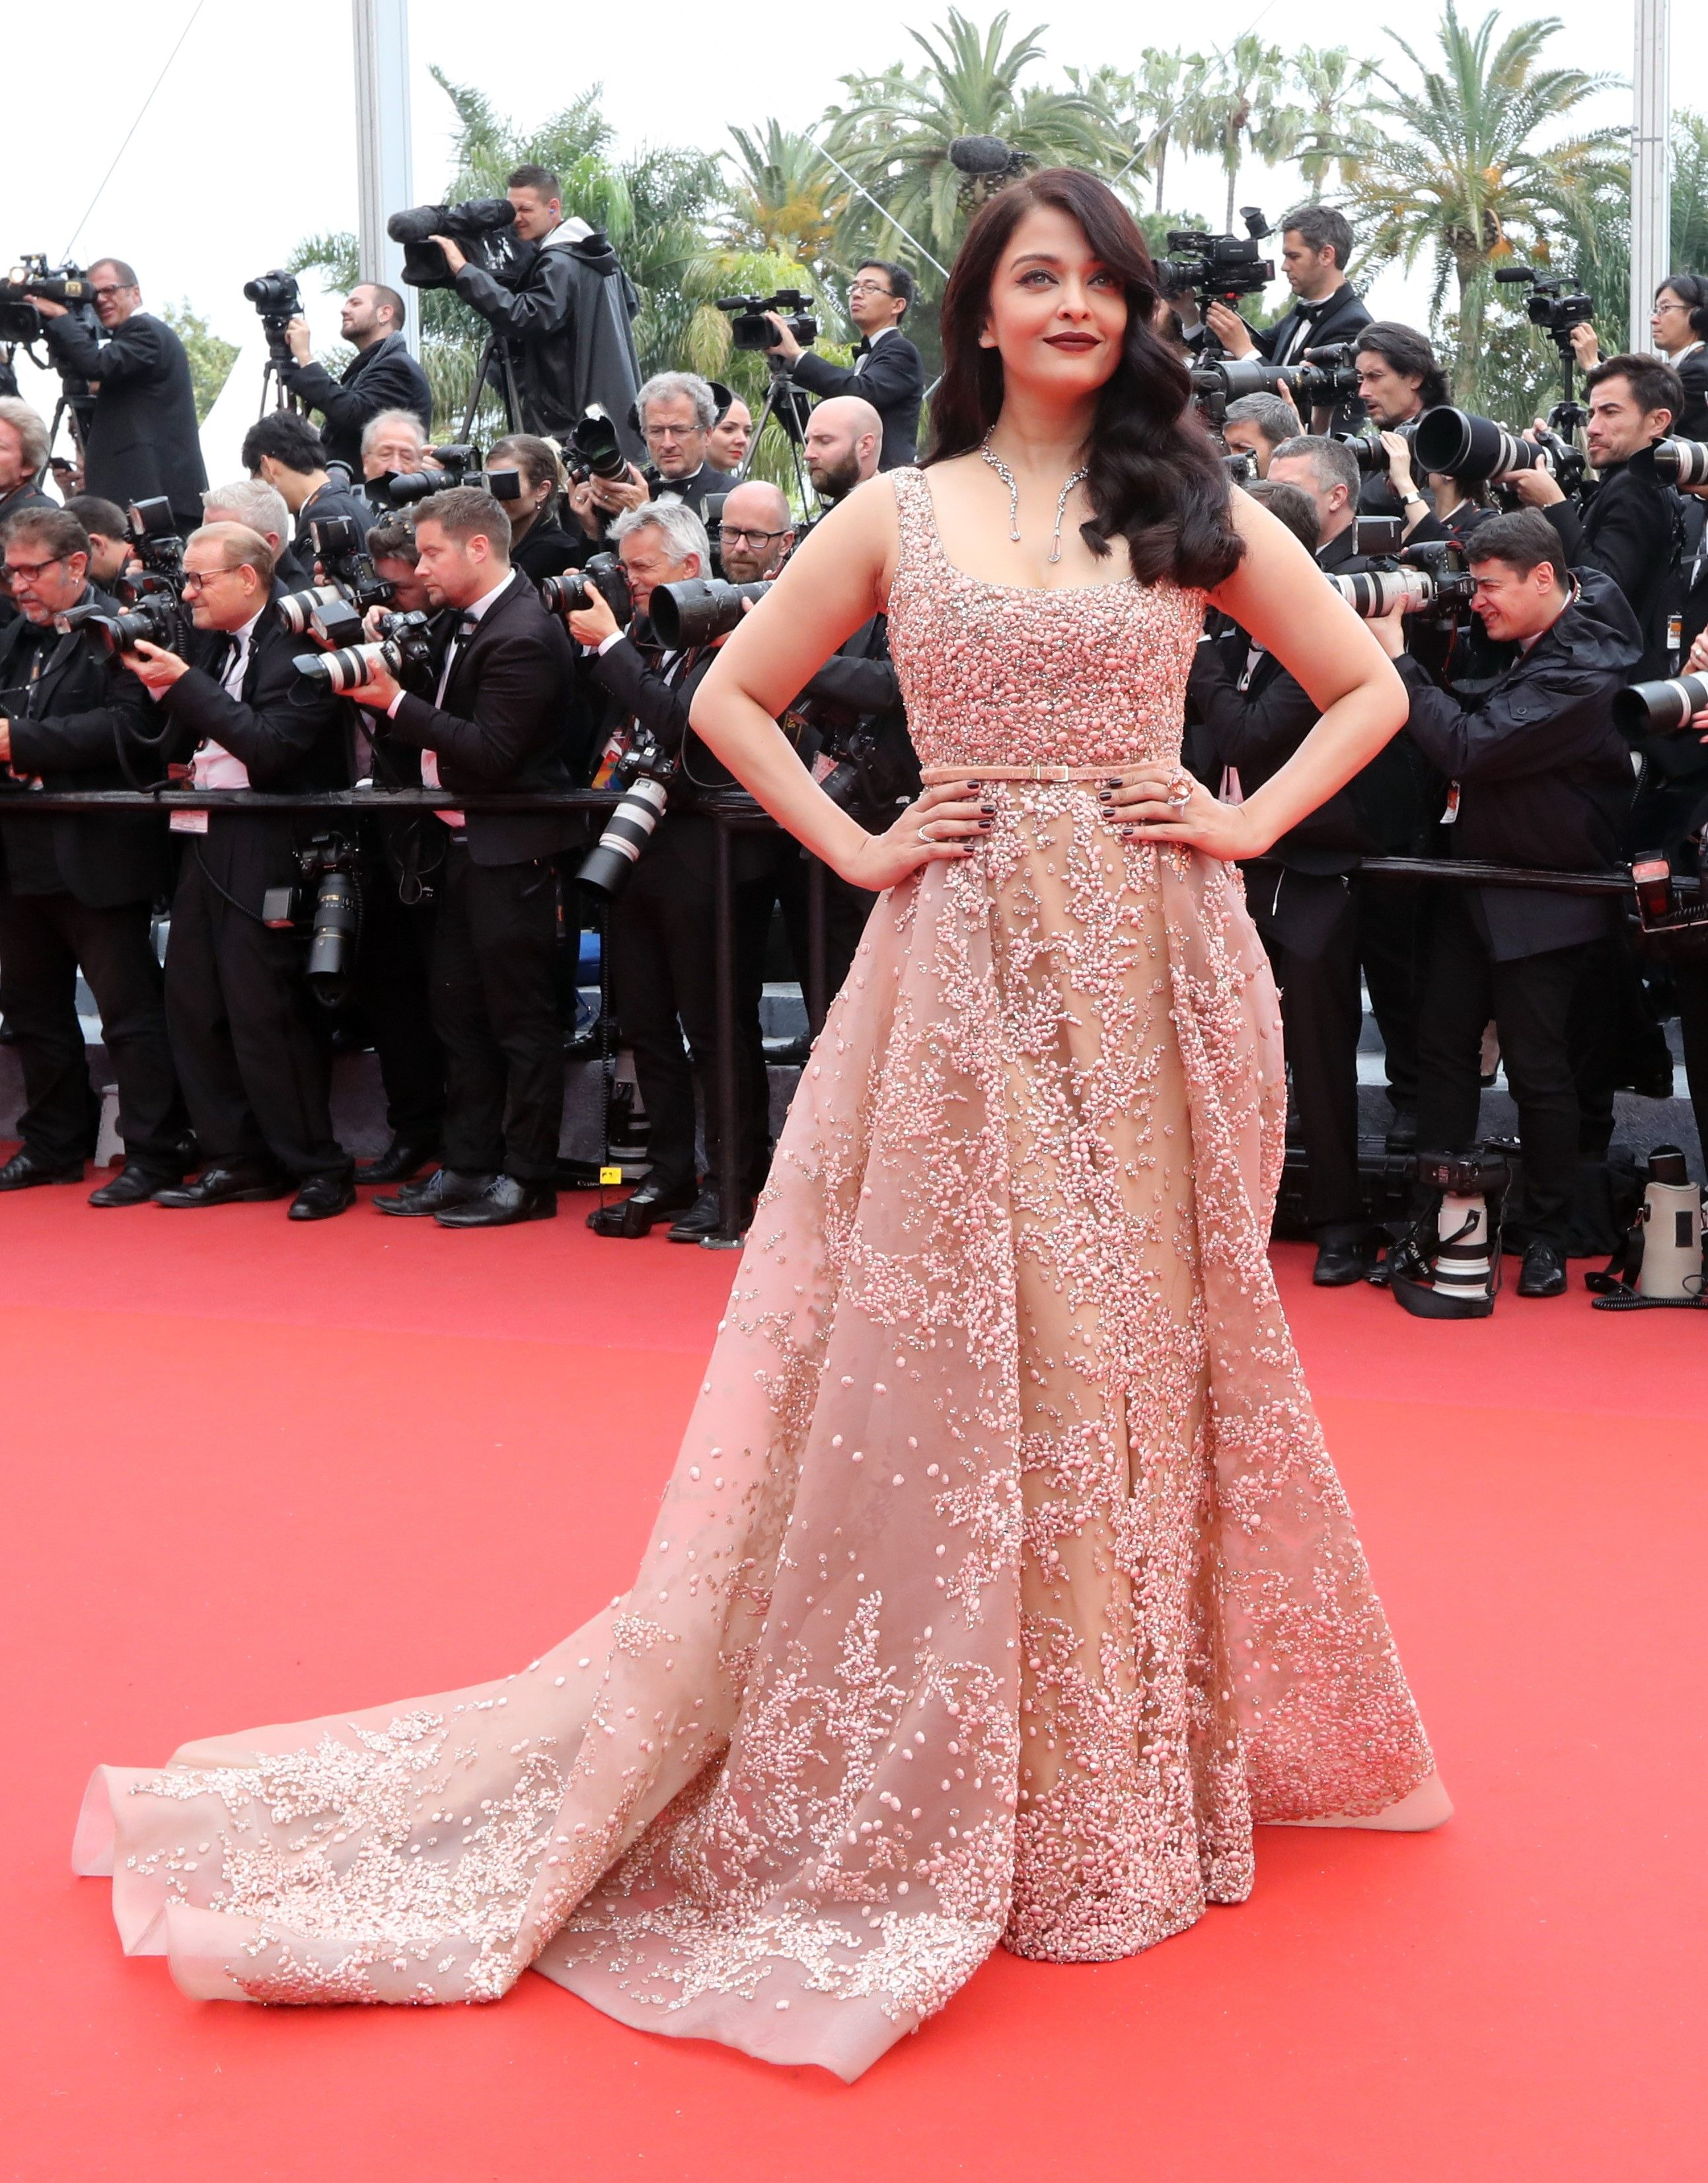 Aishwarya Rai in Elie Saab dress Cannes Film Festival 2016- Day 4 ...